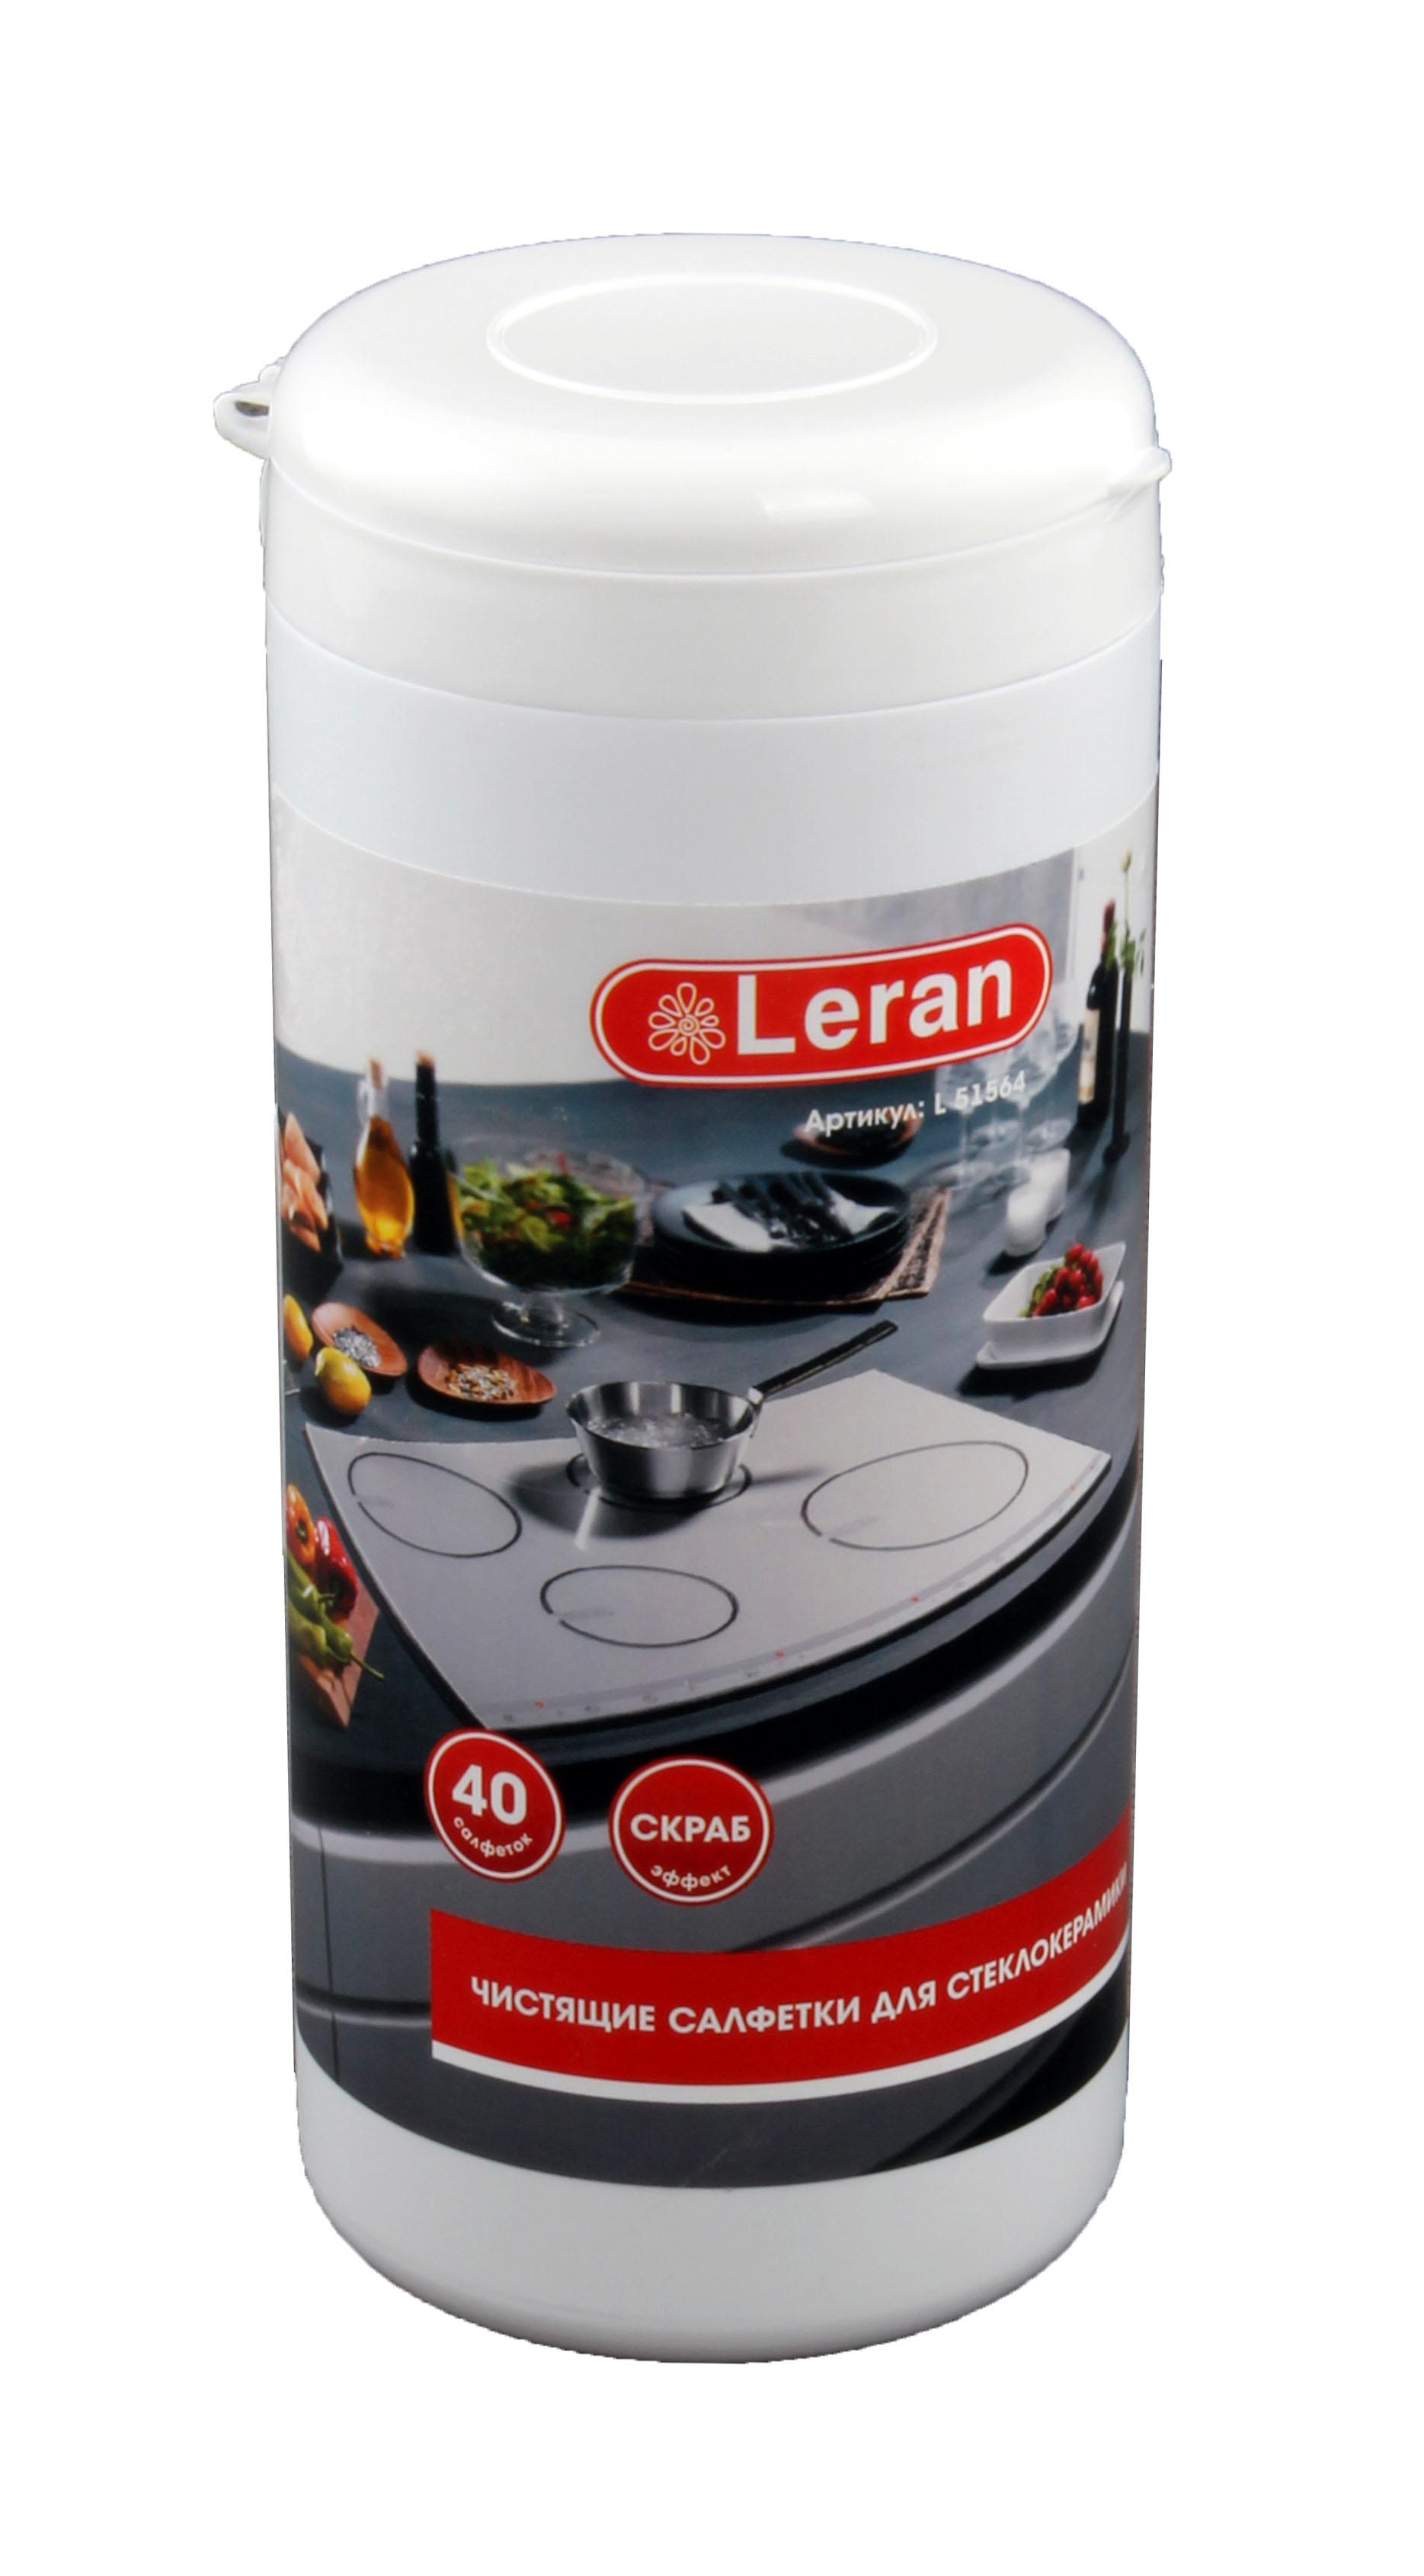 Чистящие средства для плит Leran Real Brand Technics 49.000